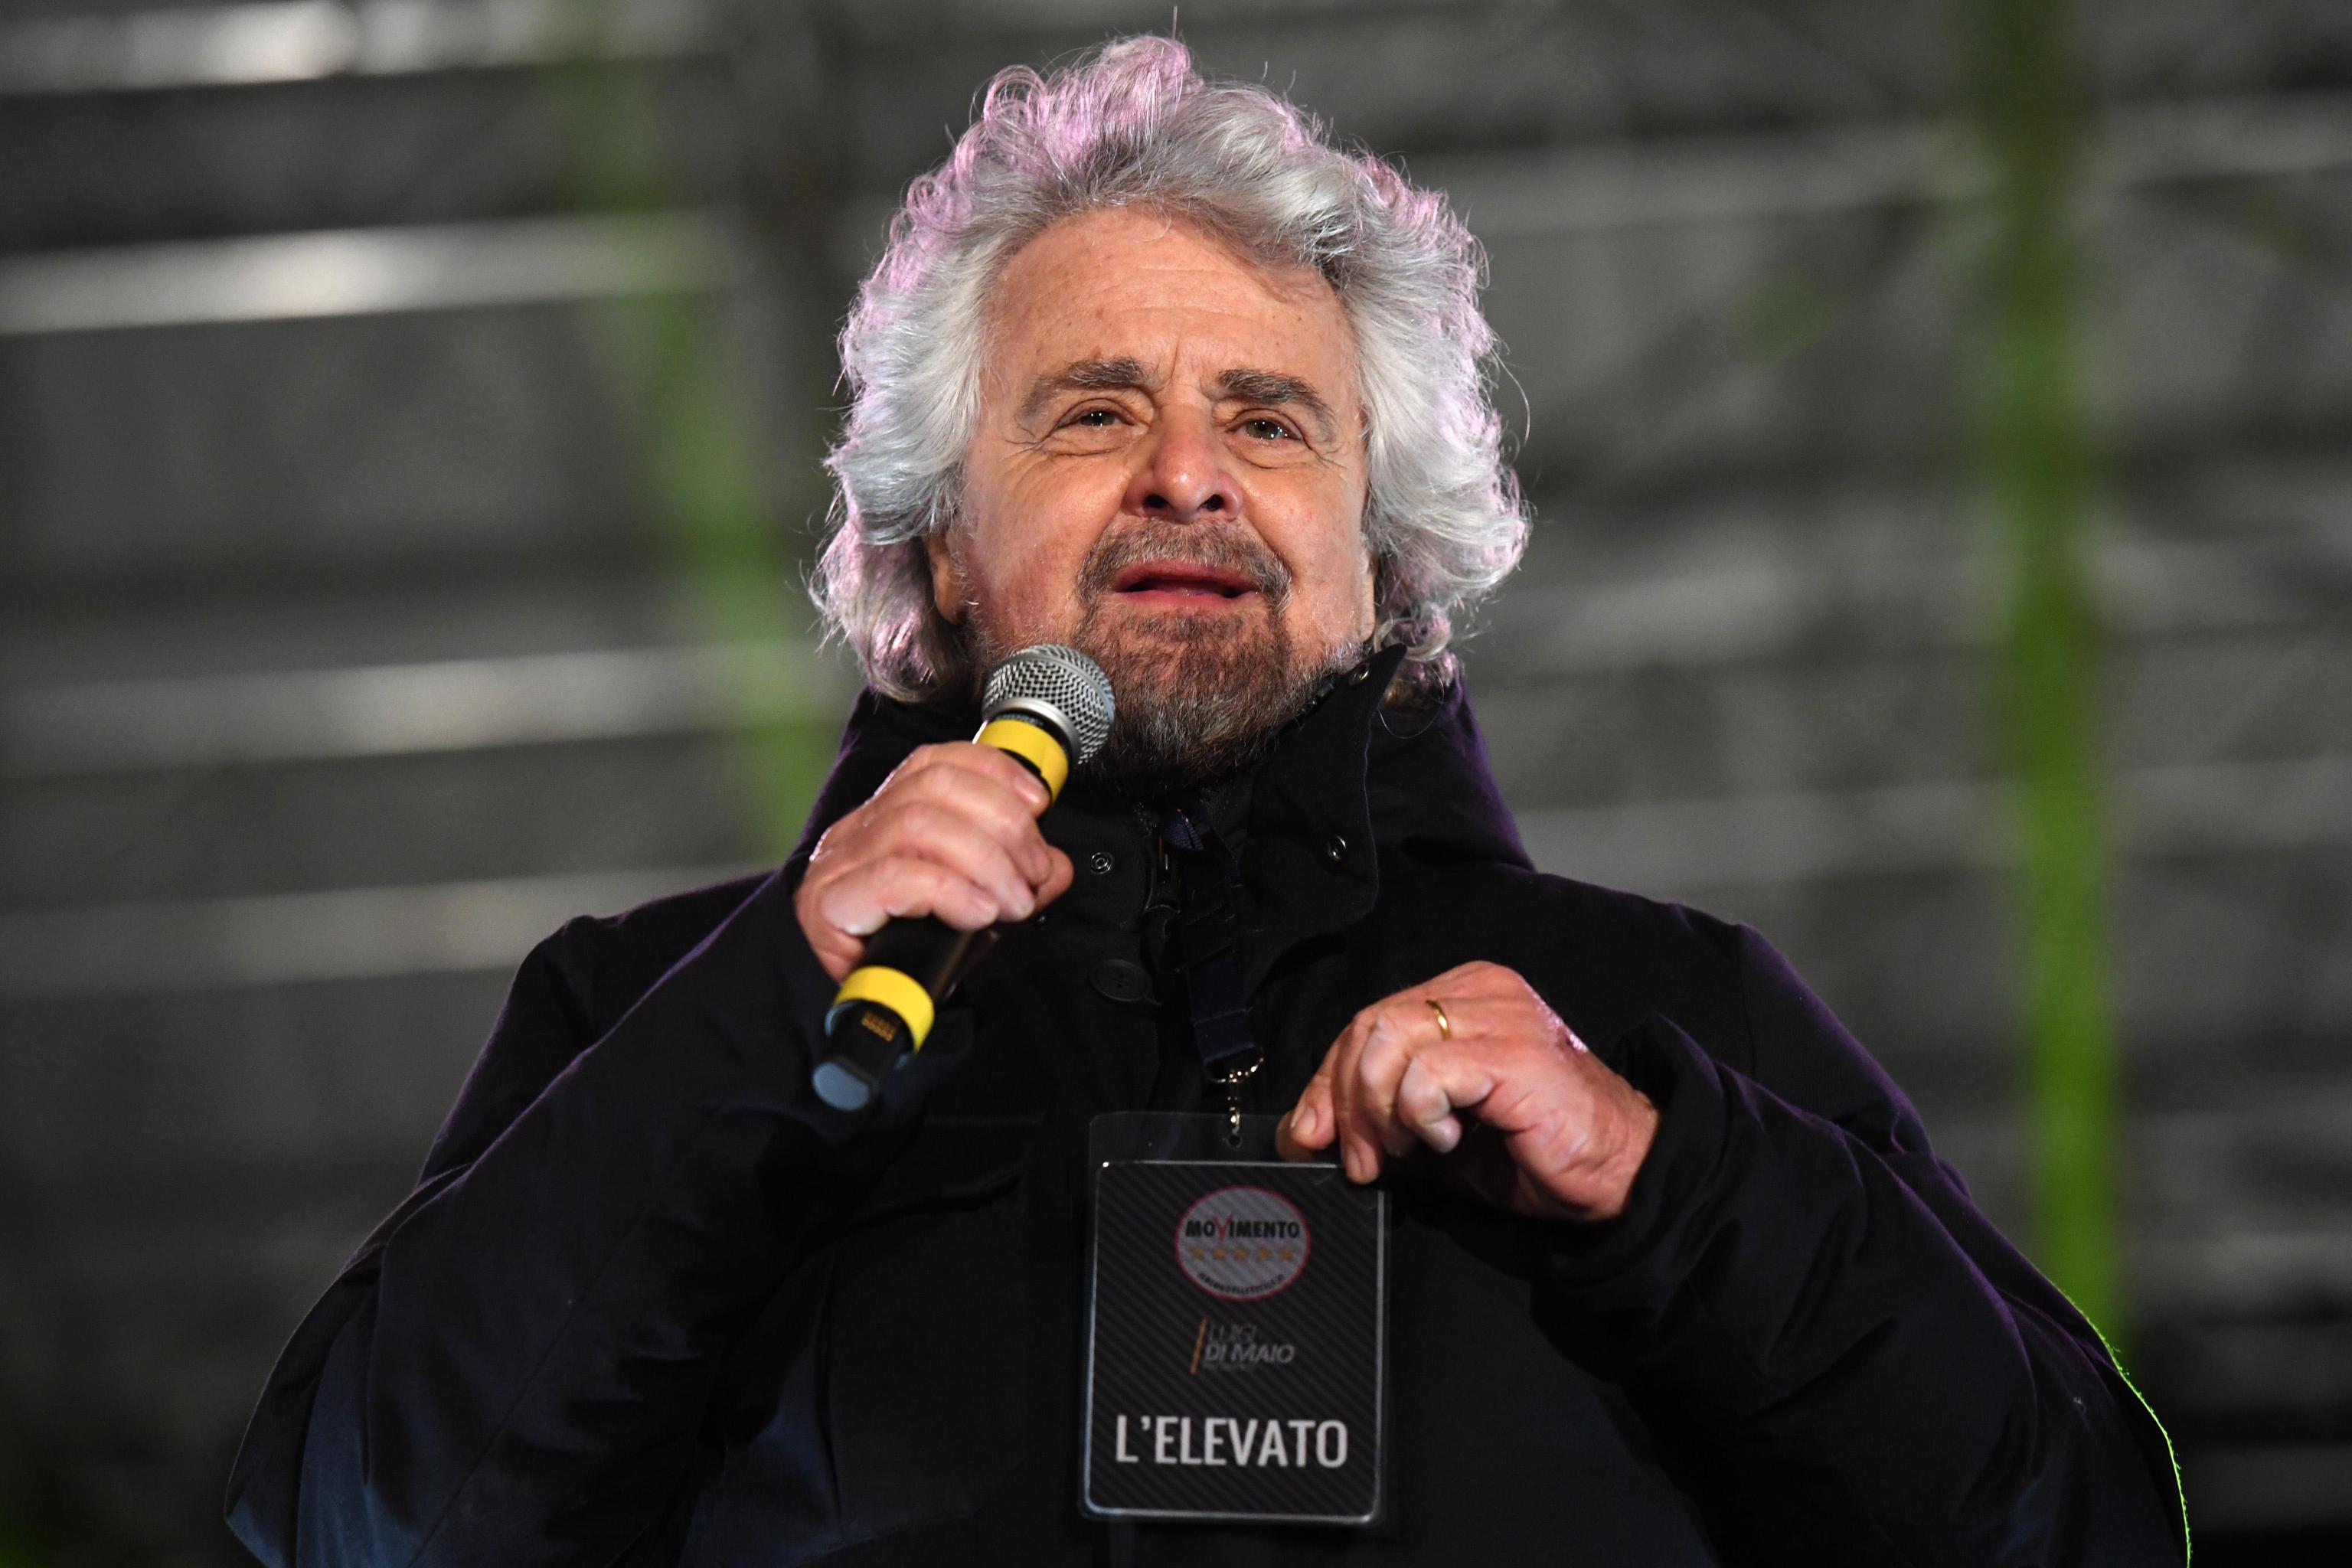 Società senza lavoro: Beppe Grillo chiede il reddito di nascita per tutti